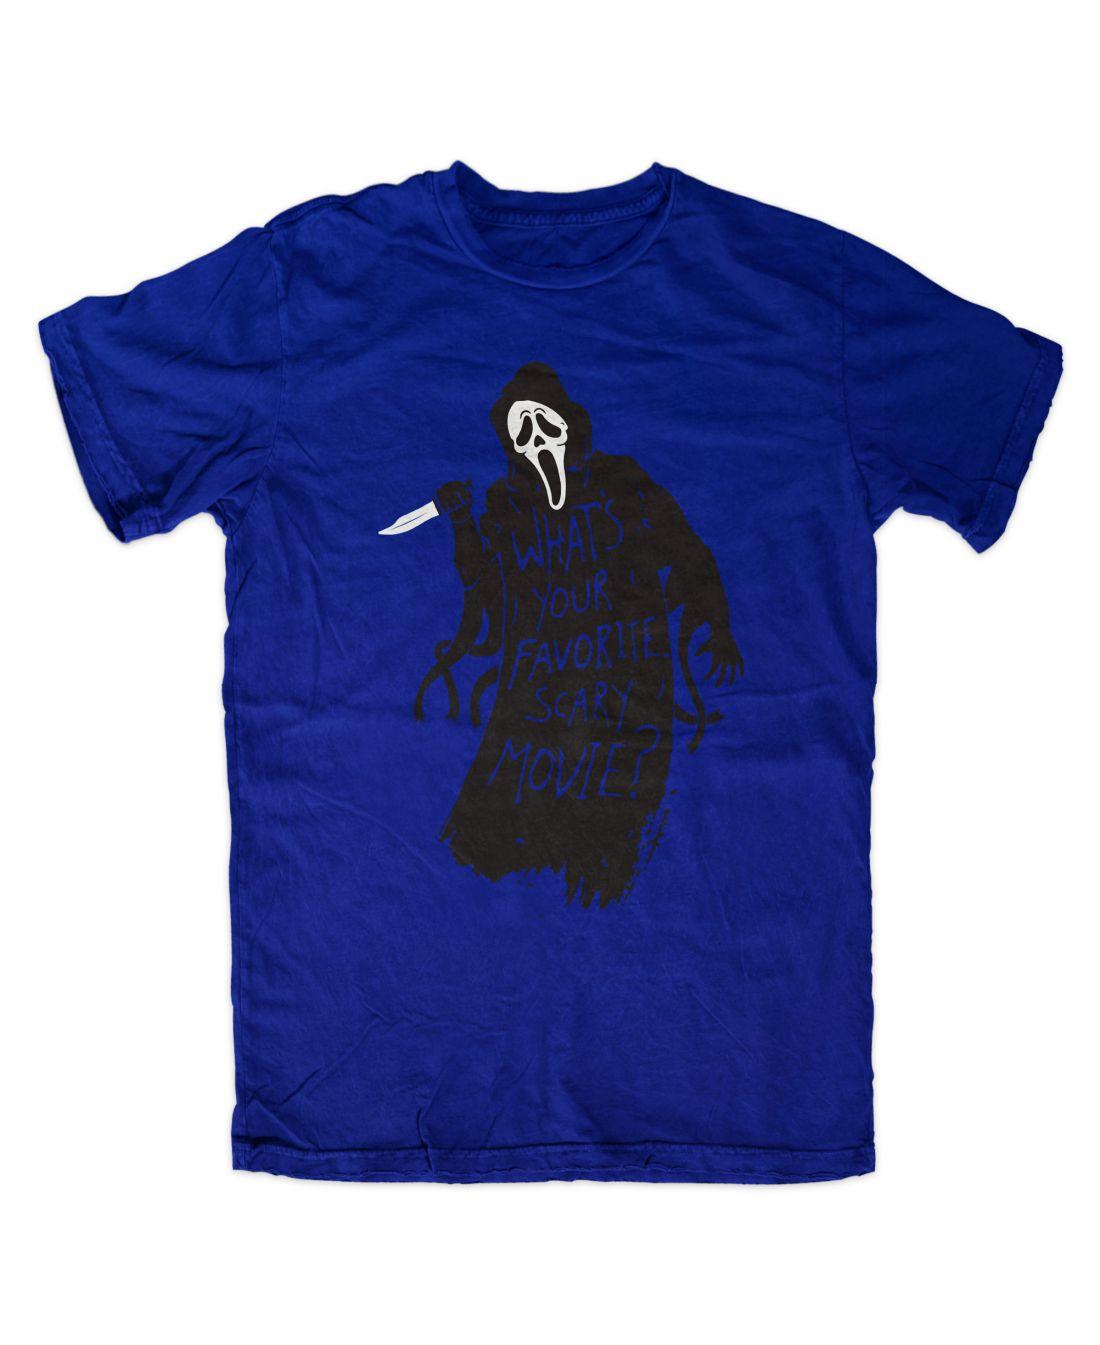 Favorite Scary Movie (királykék póló)